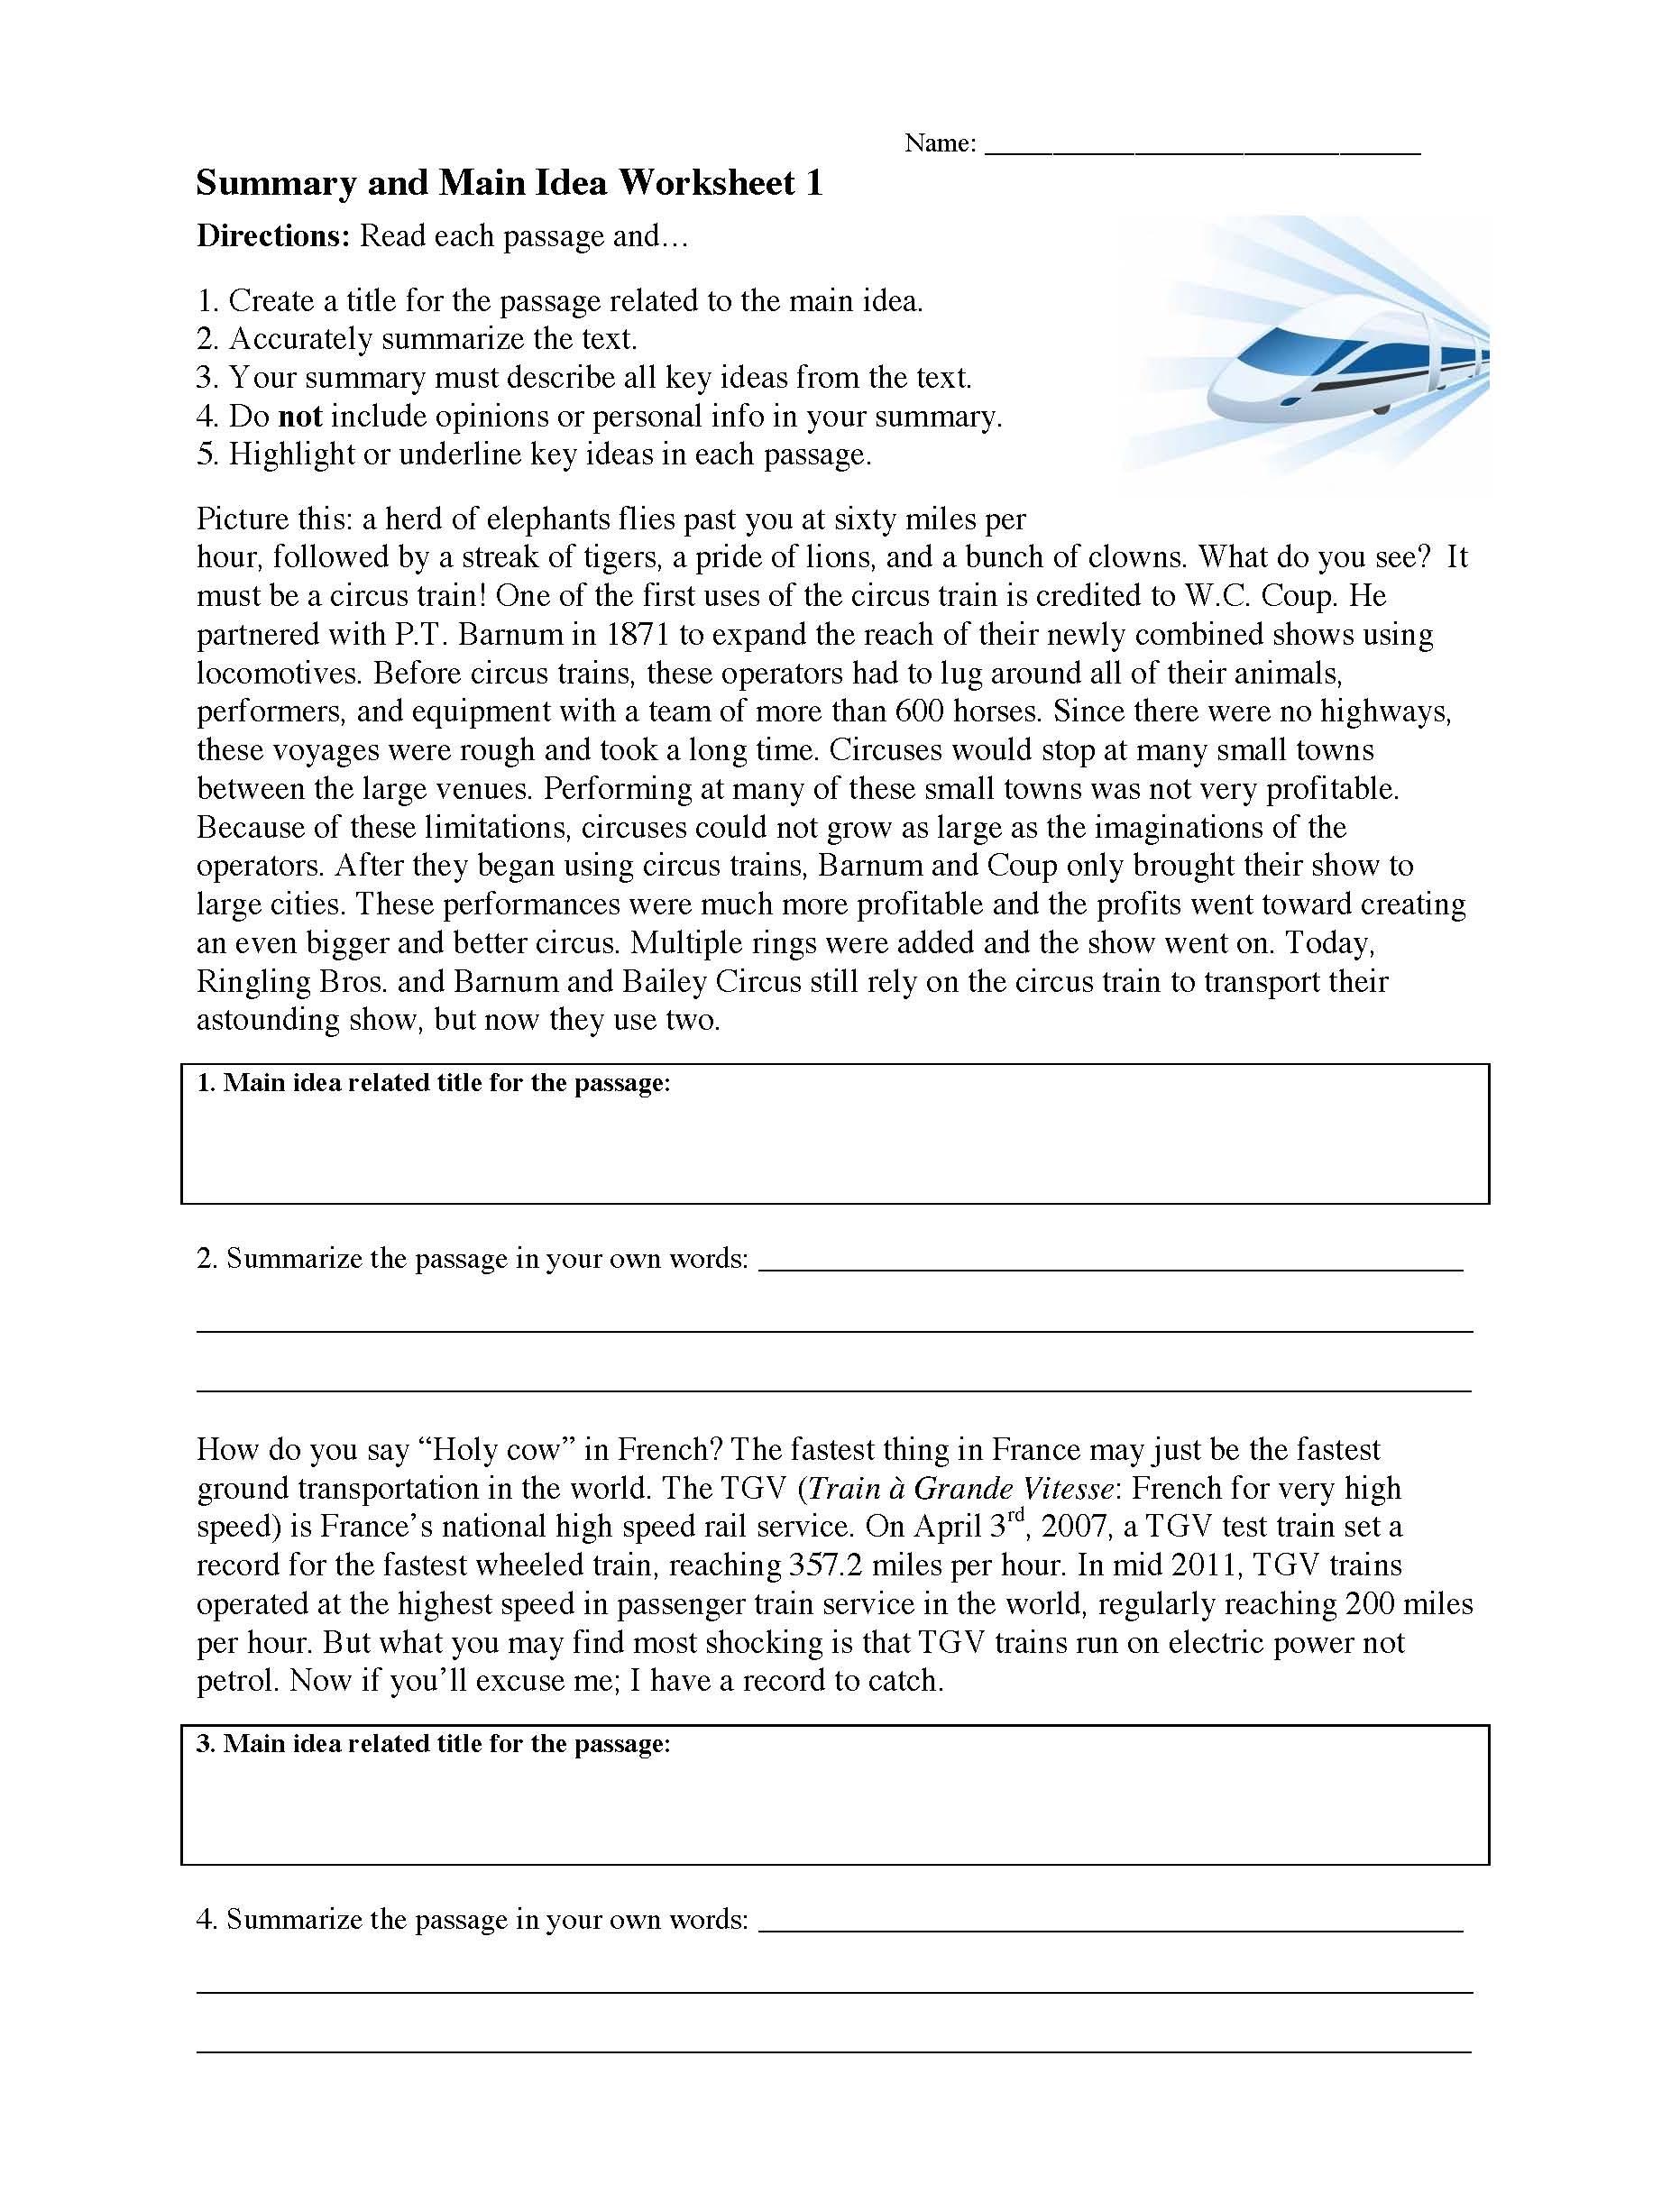 Summary And Main Idea Worksheet 1